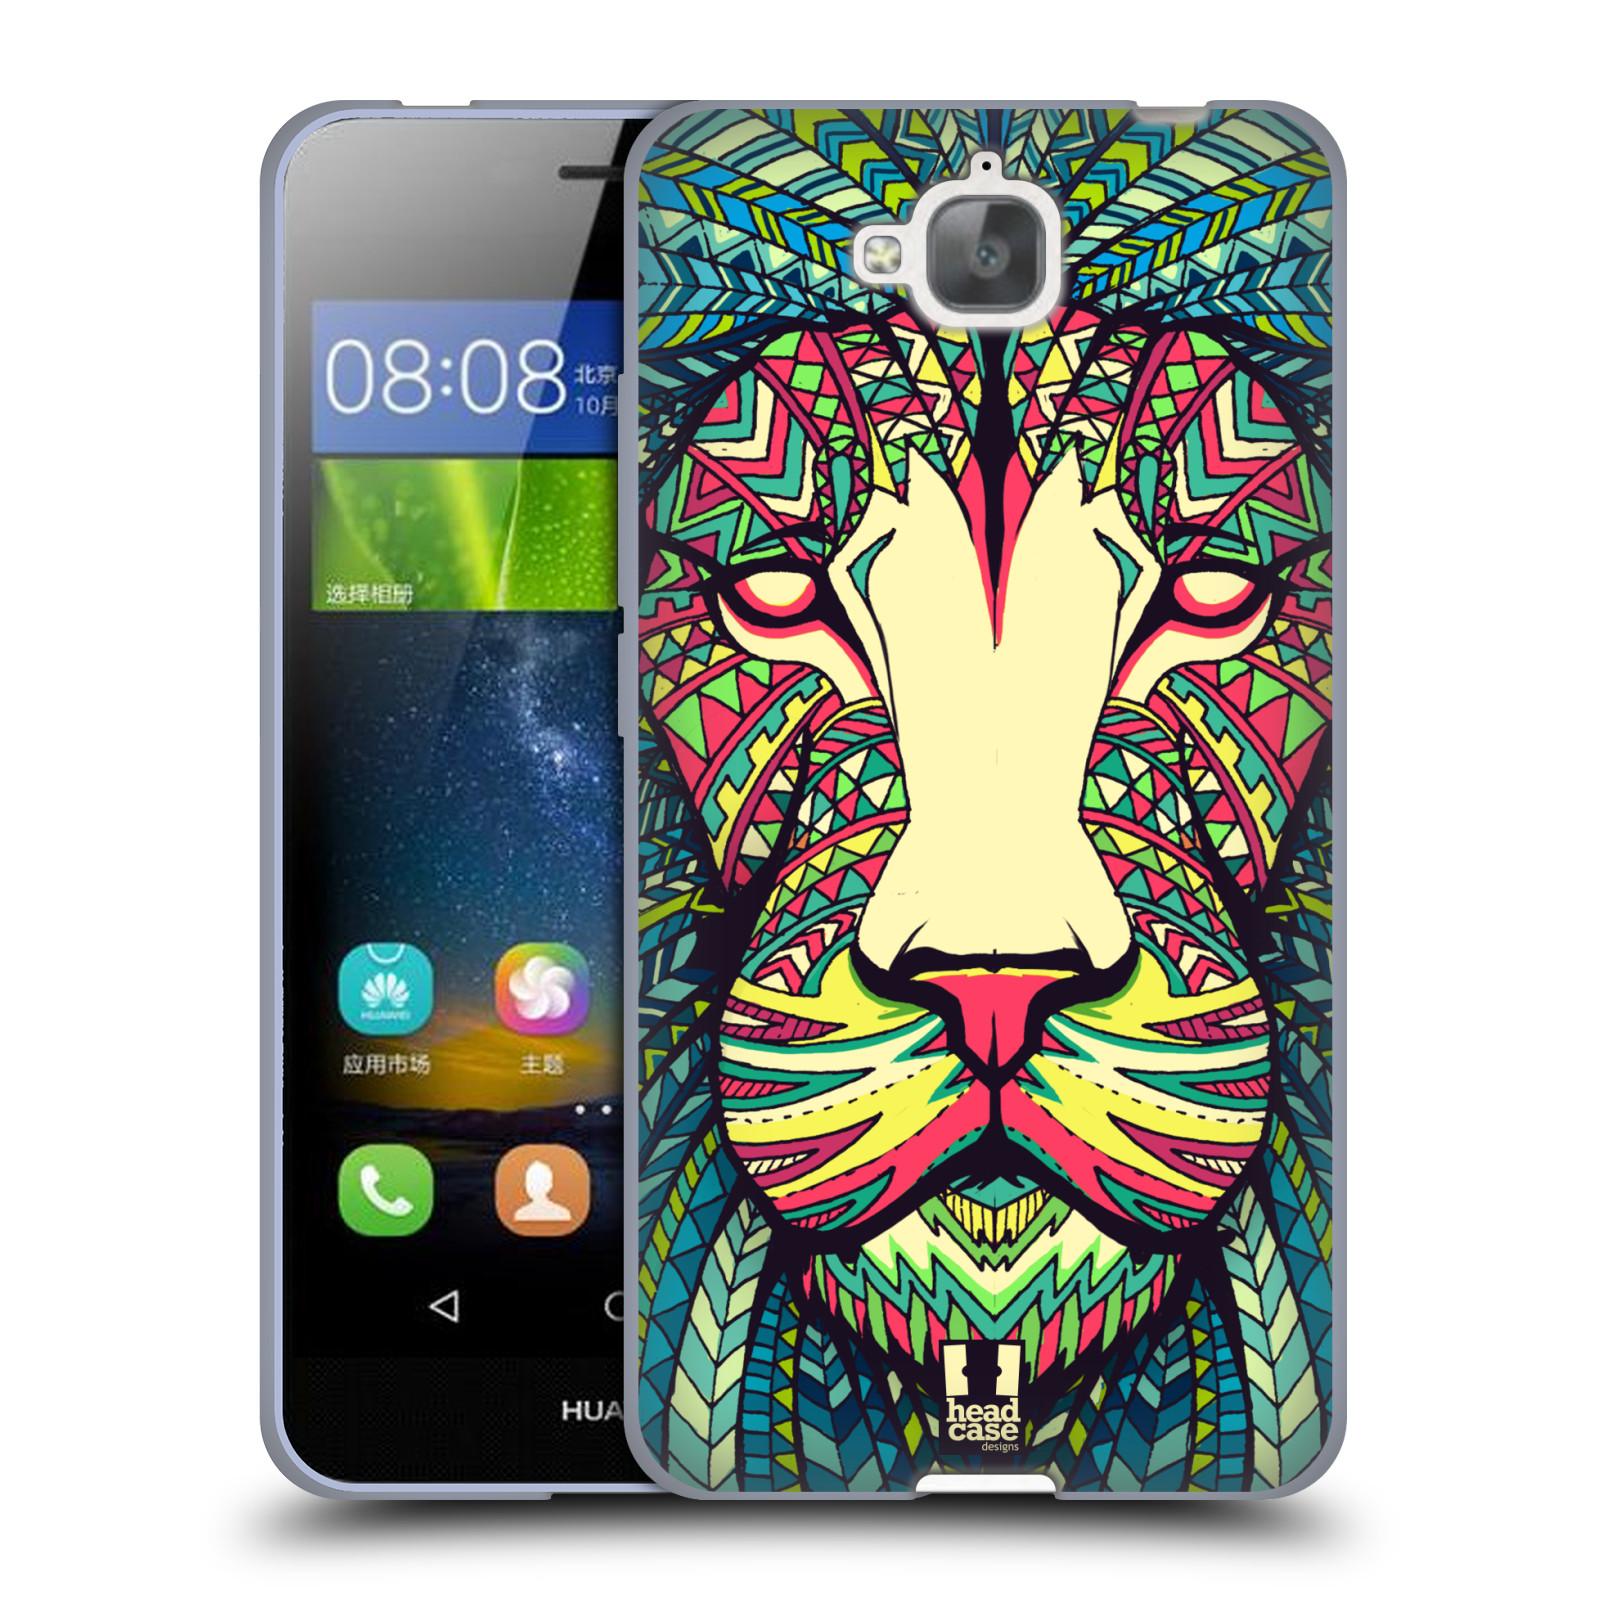 Silikonové pouzdro na mobil Huawei Y6 Pro Dual Sim HEAD CASE AZTEC LEV